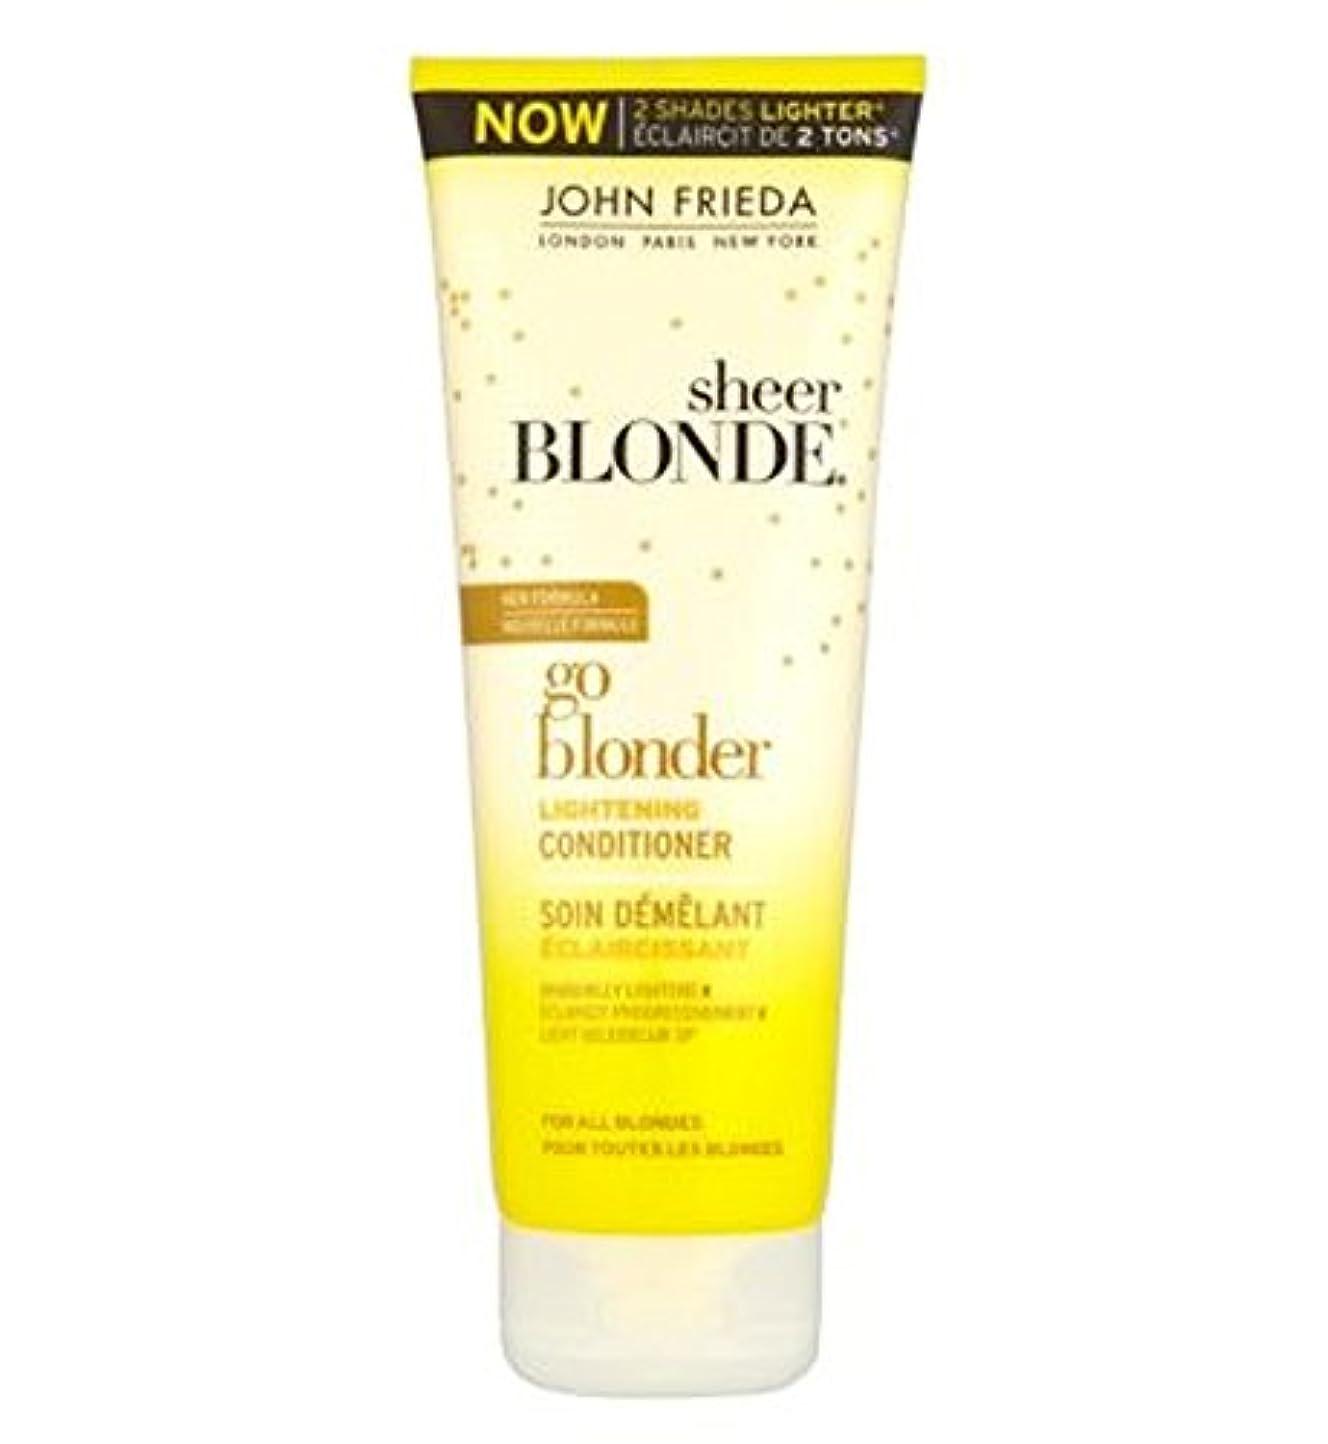 オンバレエ高さジョン?フリーダ薄手ブロンド行くBlonder美白コンディショナー250Ml (John Frieda) (x2) - John Frieda Sheer Blonde Go Blonder Lightening Conditioner...